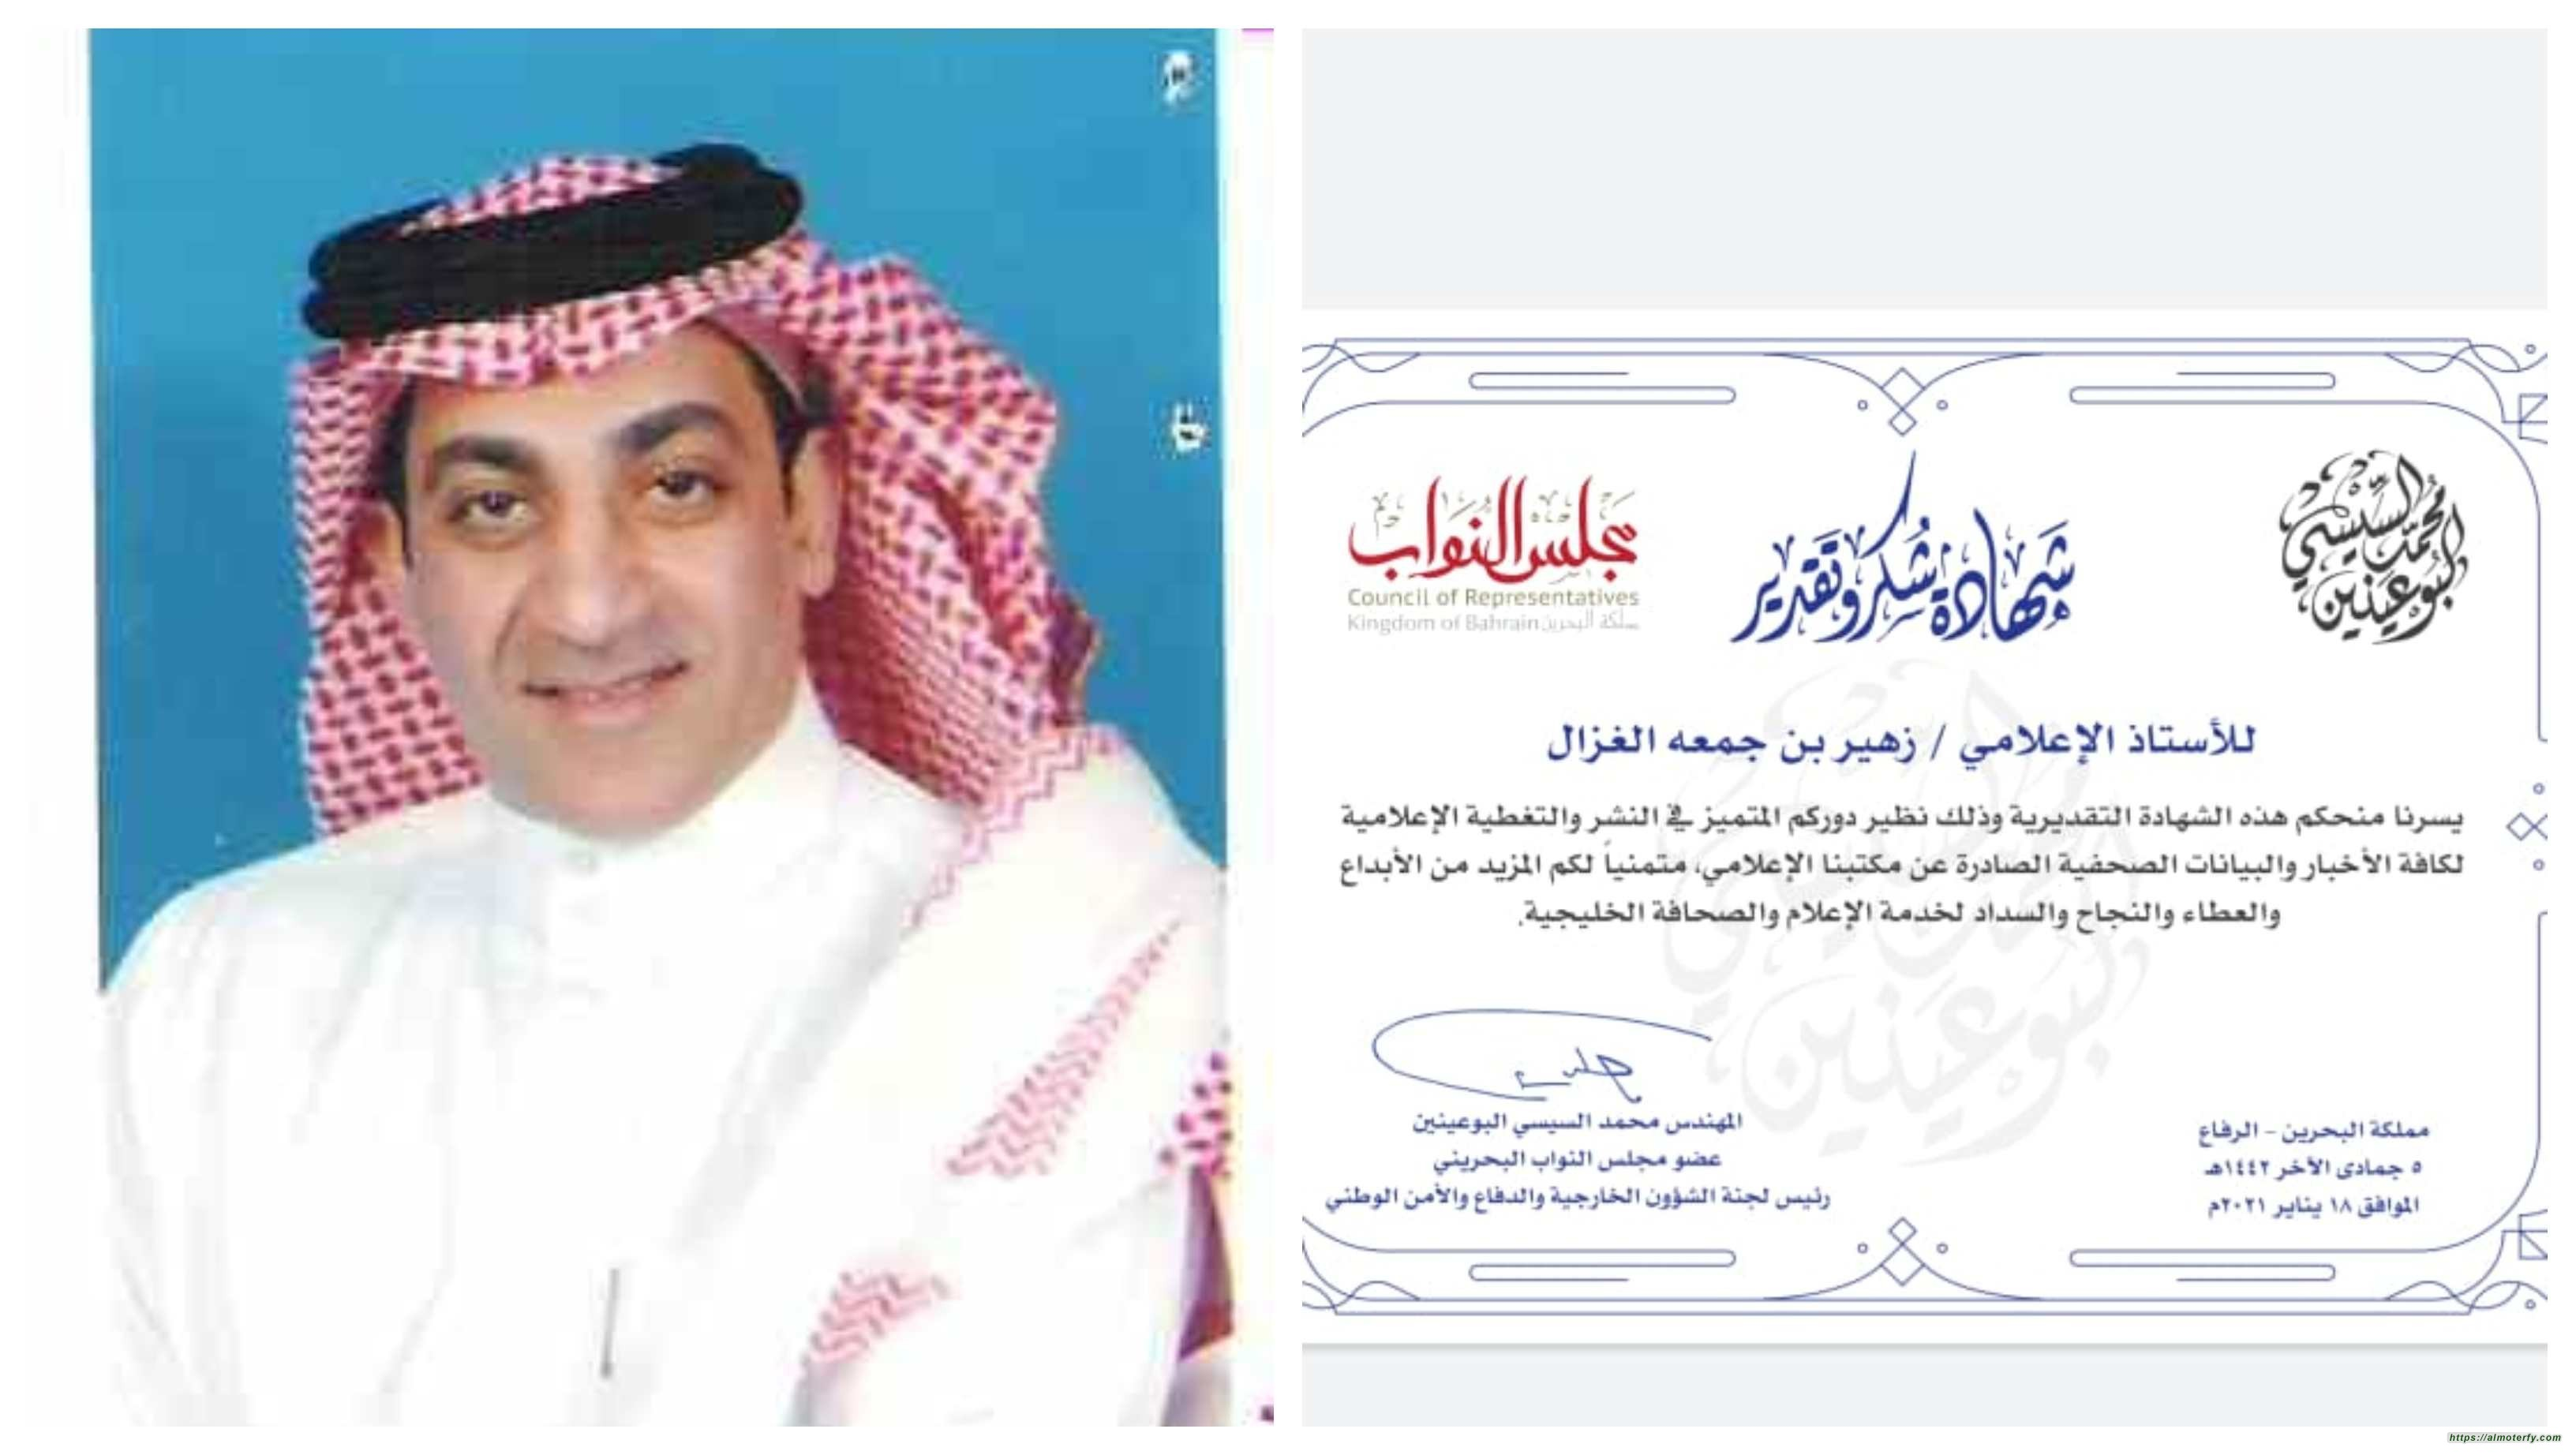 تكريم الاعلامي زهير الغزال من مجلس النواب البحريني